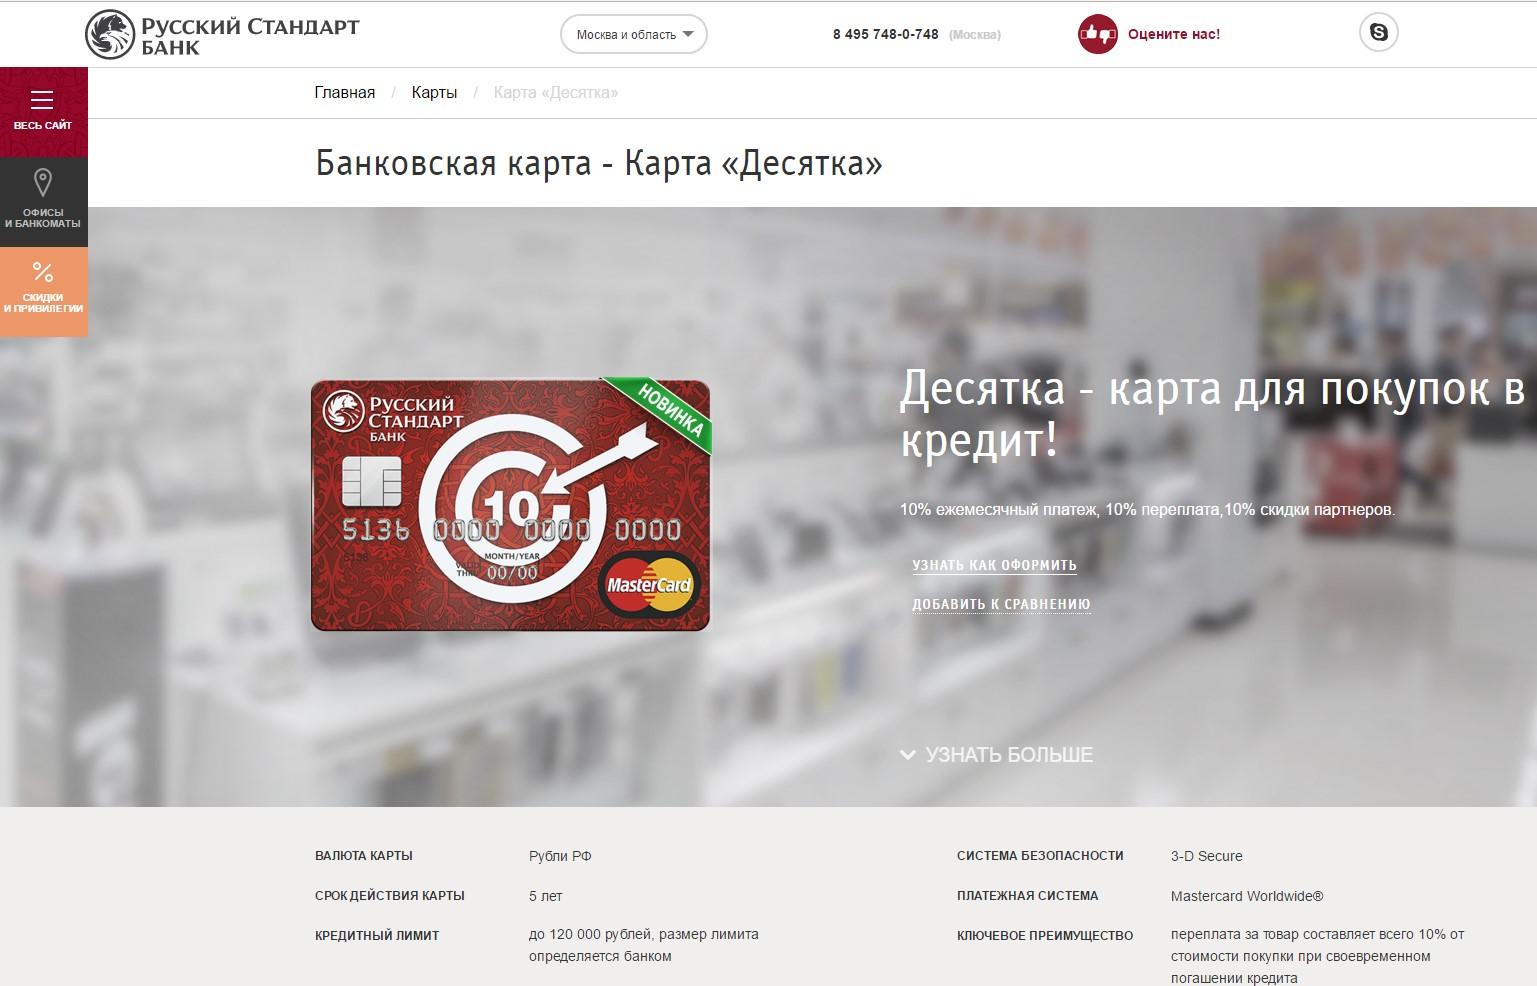 Карта для покупок в кредит